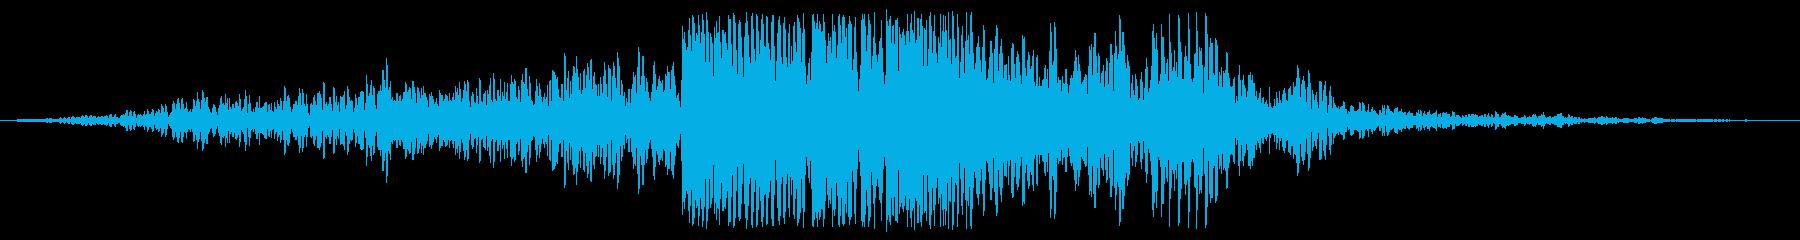 離調した爆発性宇宙の地上への影響の再生済みの波形